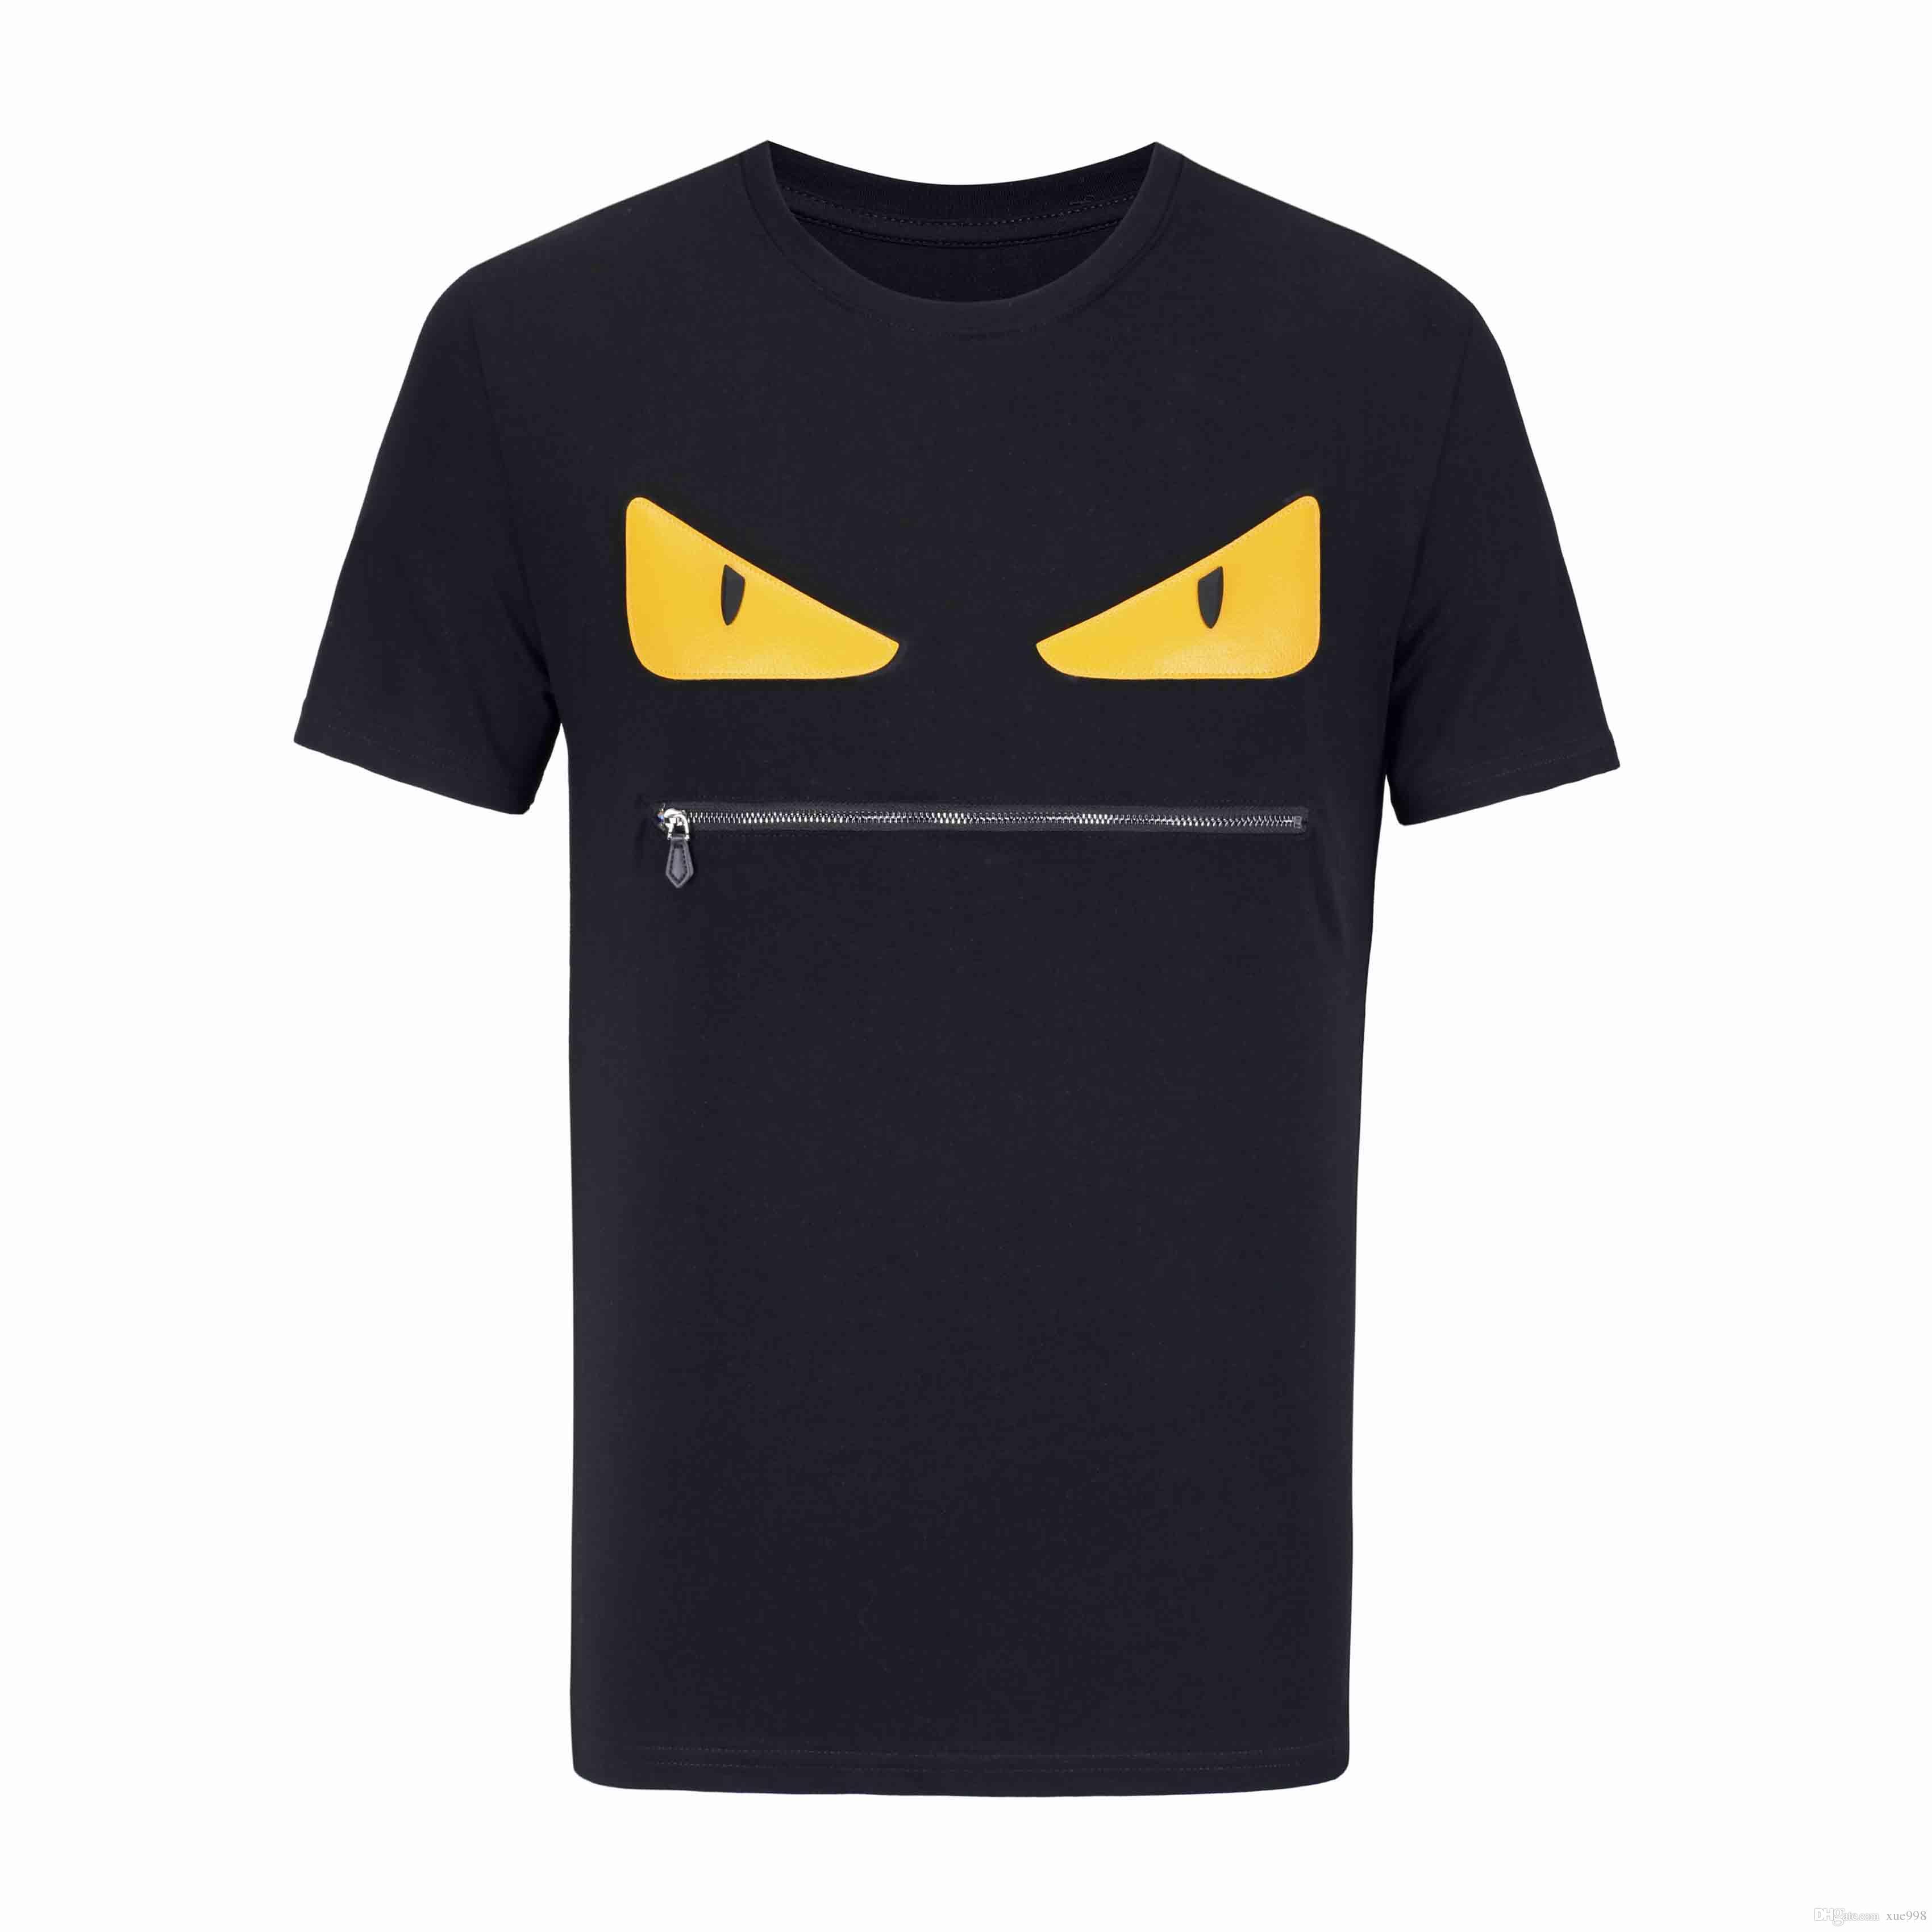 Yaz erkek T-Shirt Kısa Kollu Lüks Moda T-Shirt Üst erkek Göz Baskı erkek Pamuk T-Shirt Ücretsiz Kargo